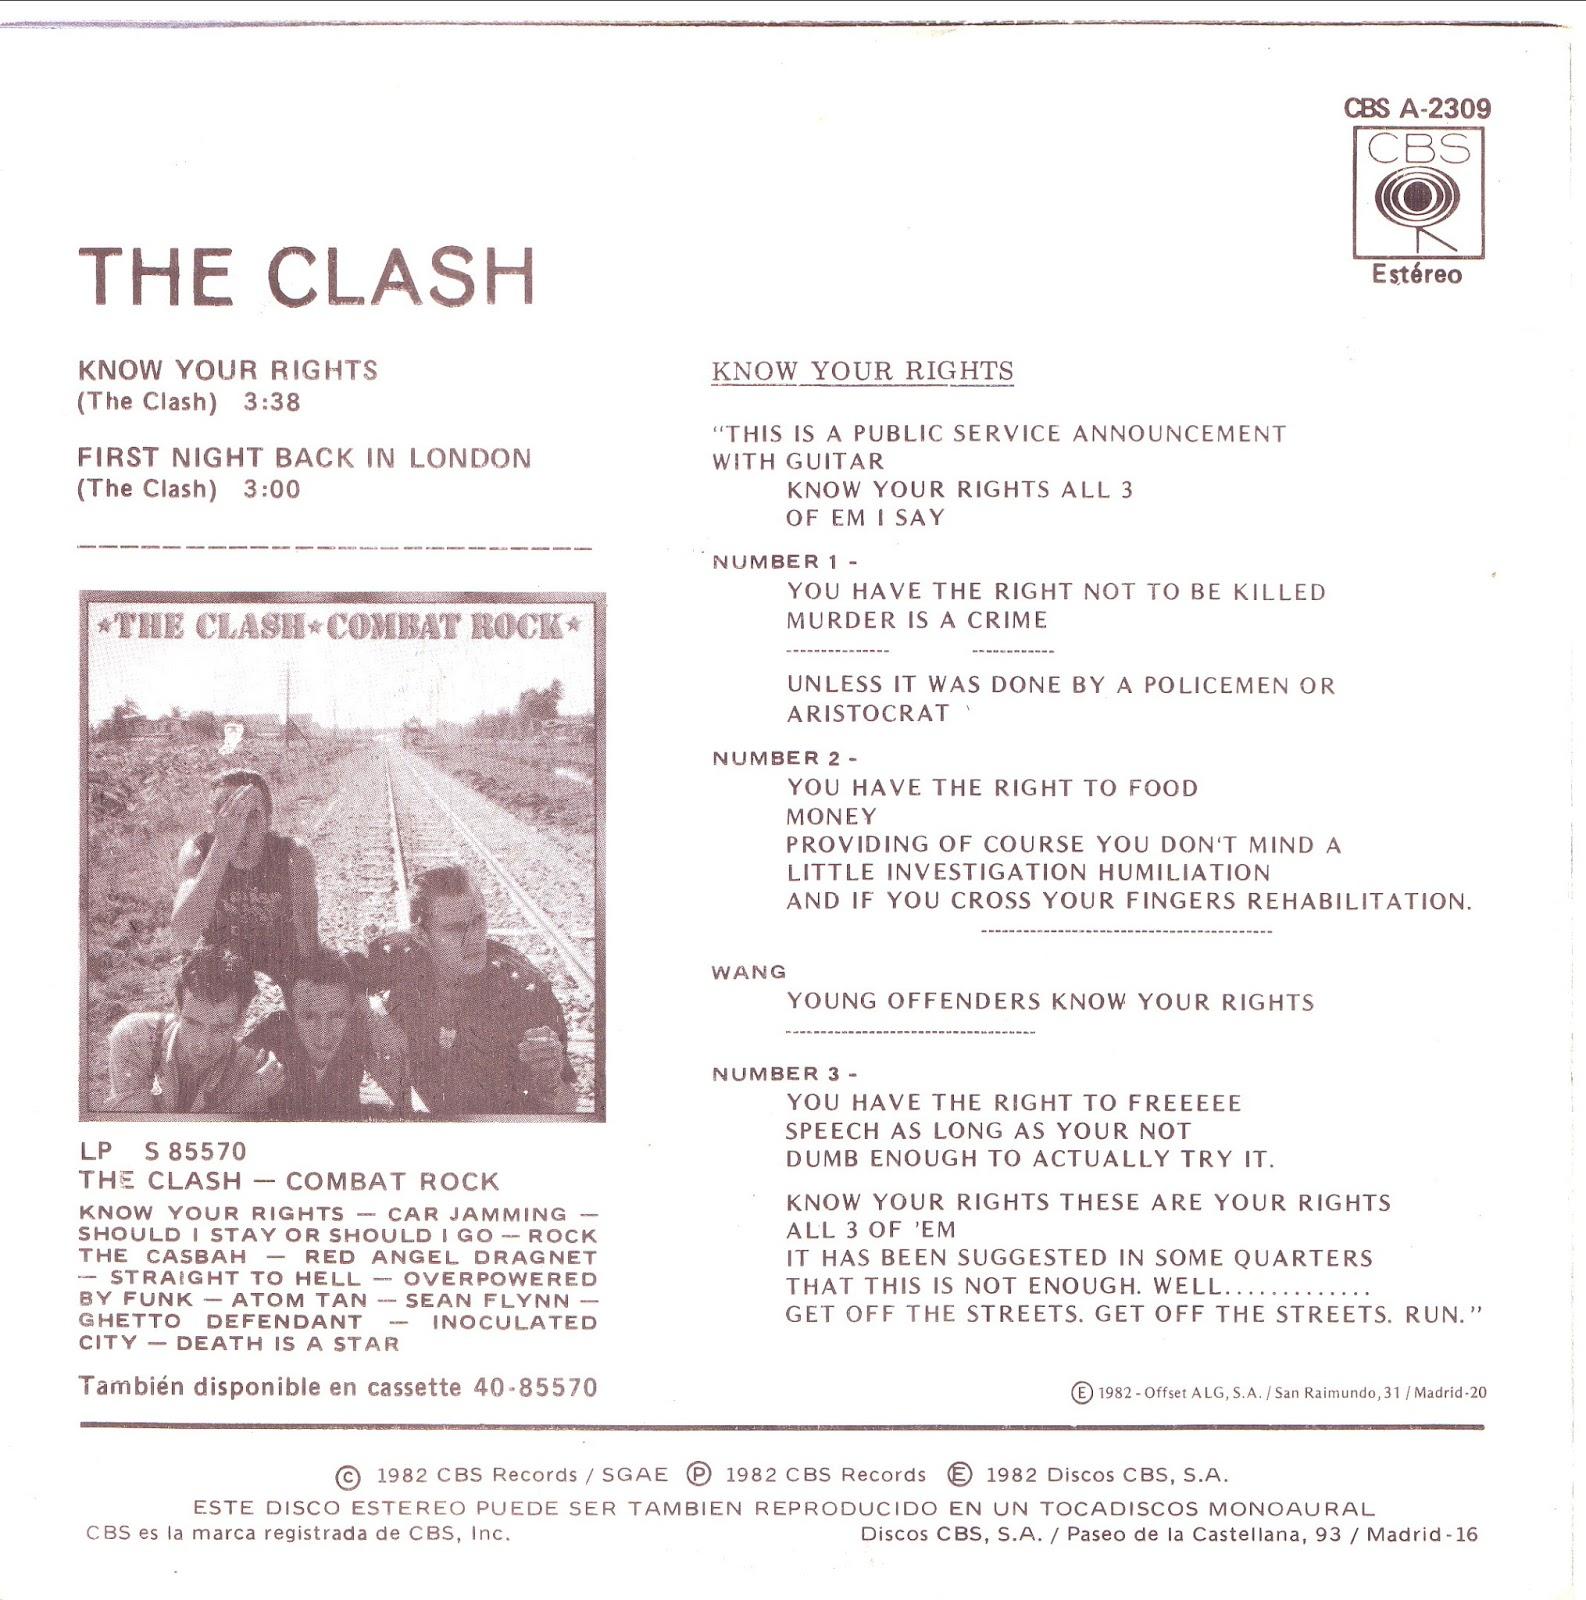 espanola black singles Singles flamenco,  funk, soul y black music  grupos españoles 50 y 60  grupos españoles de los 70 y 80  grupos españoles de los 90 a la actualidad.